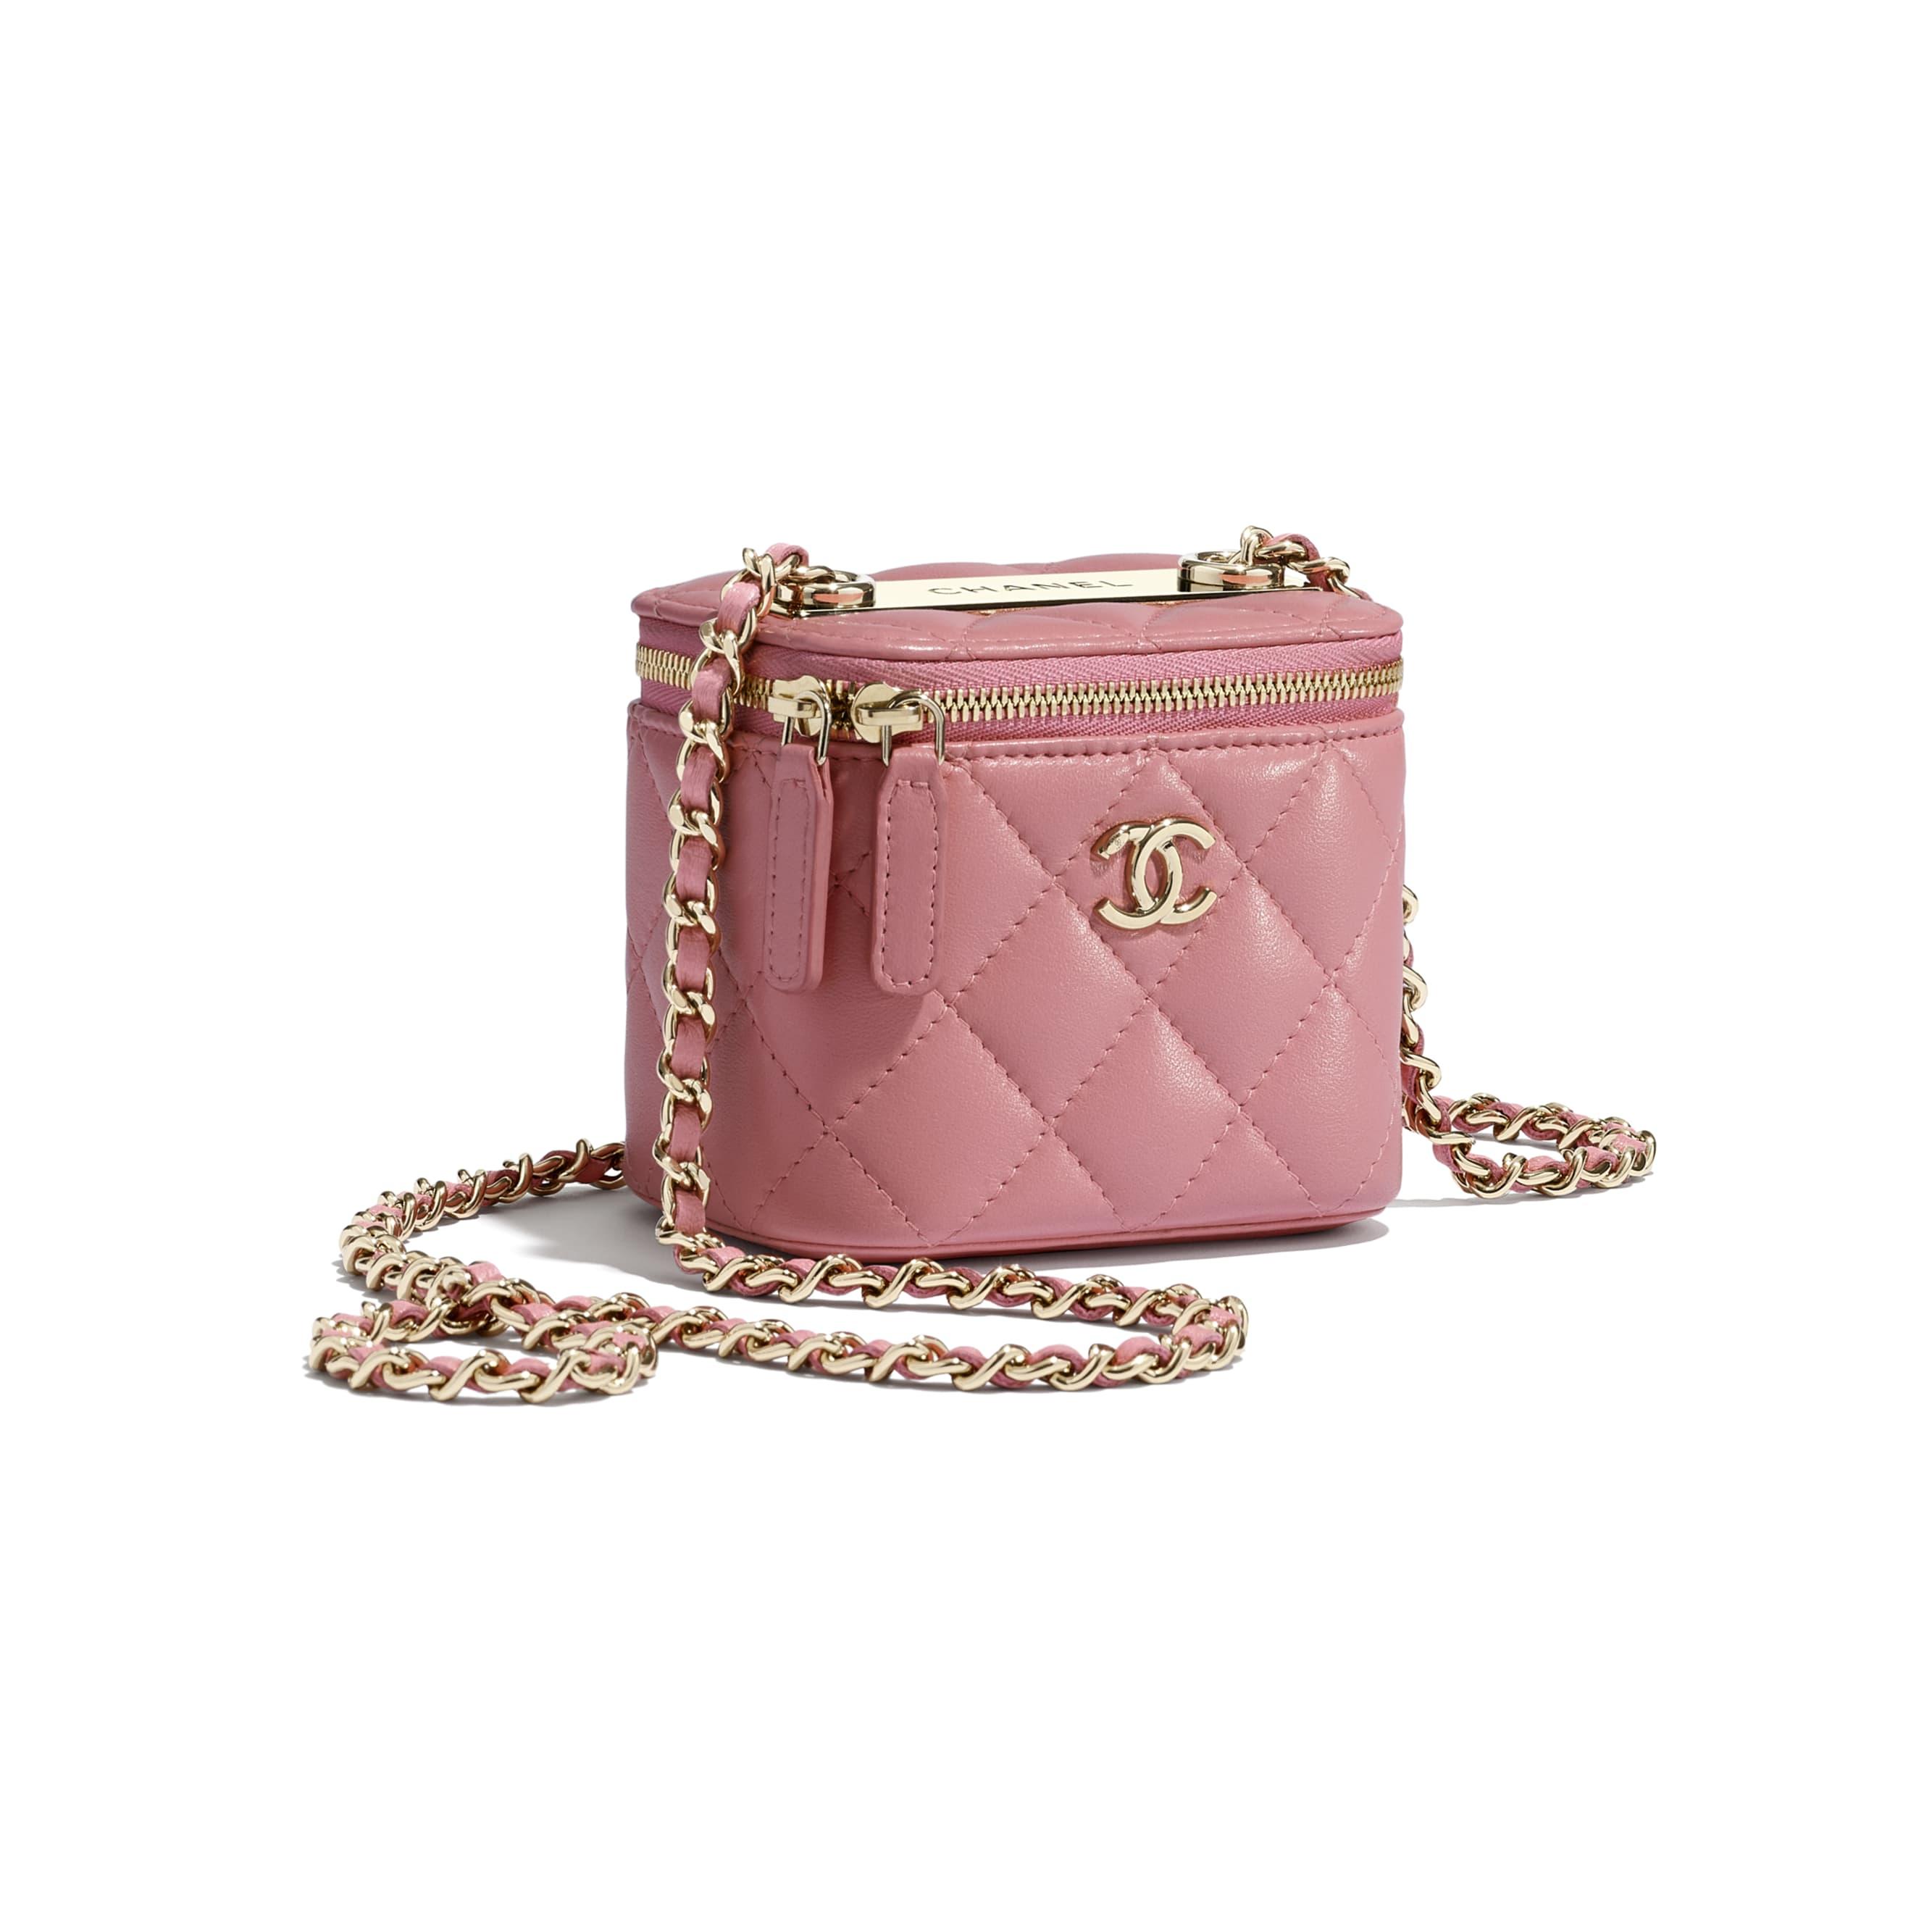 Mini necessaire com corrente - Pale Pink - Lambskin & Gold-Tone Metal - CHANEL - Vista extra - ver a versão em tamanho standard